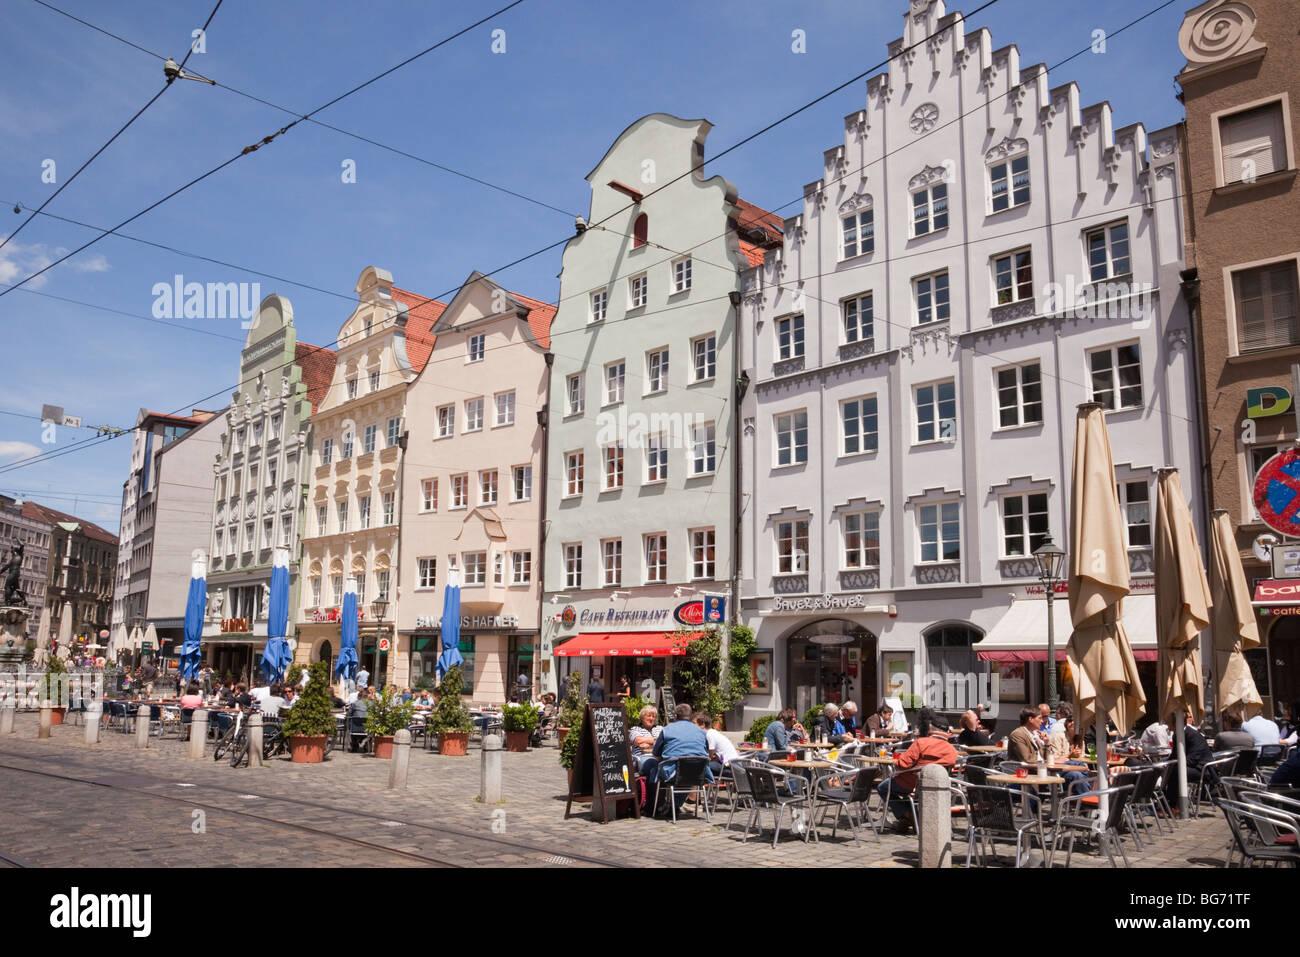 Maximilianstraße Augsburg Bayern Deutschland. Stadtzentrum Straßenszene mit Menschen in Straßencafés Stockbild